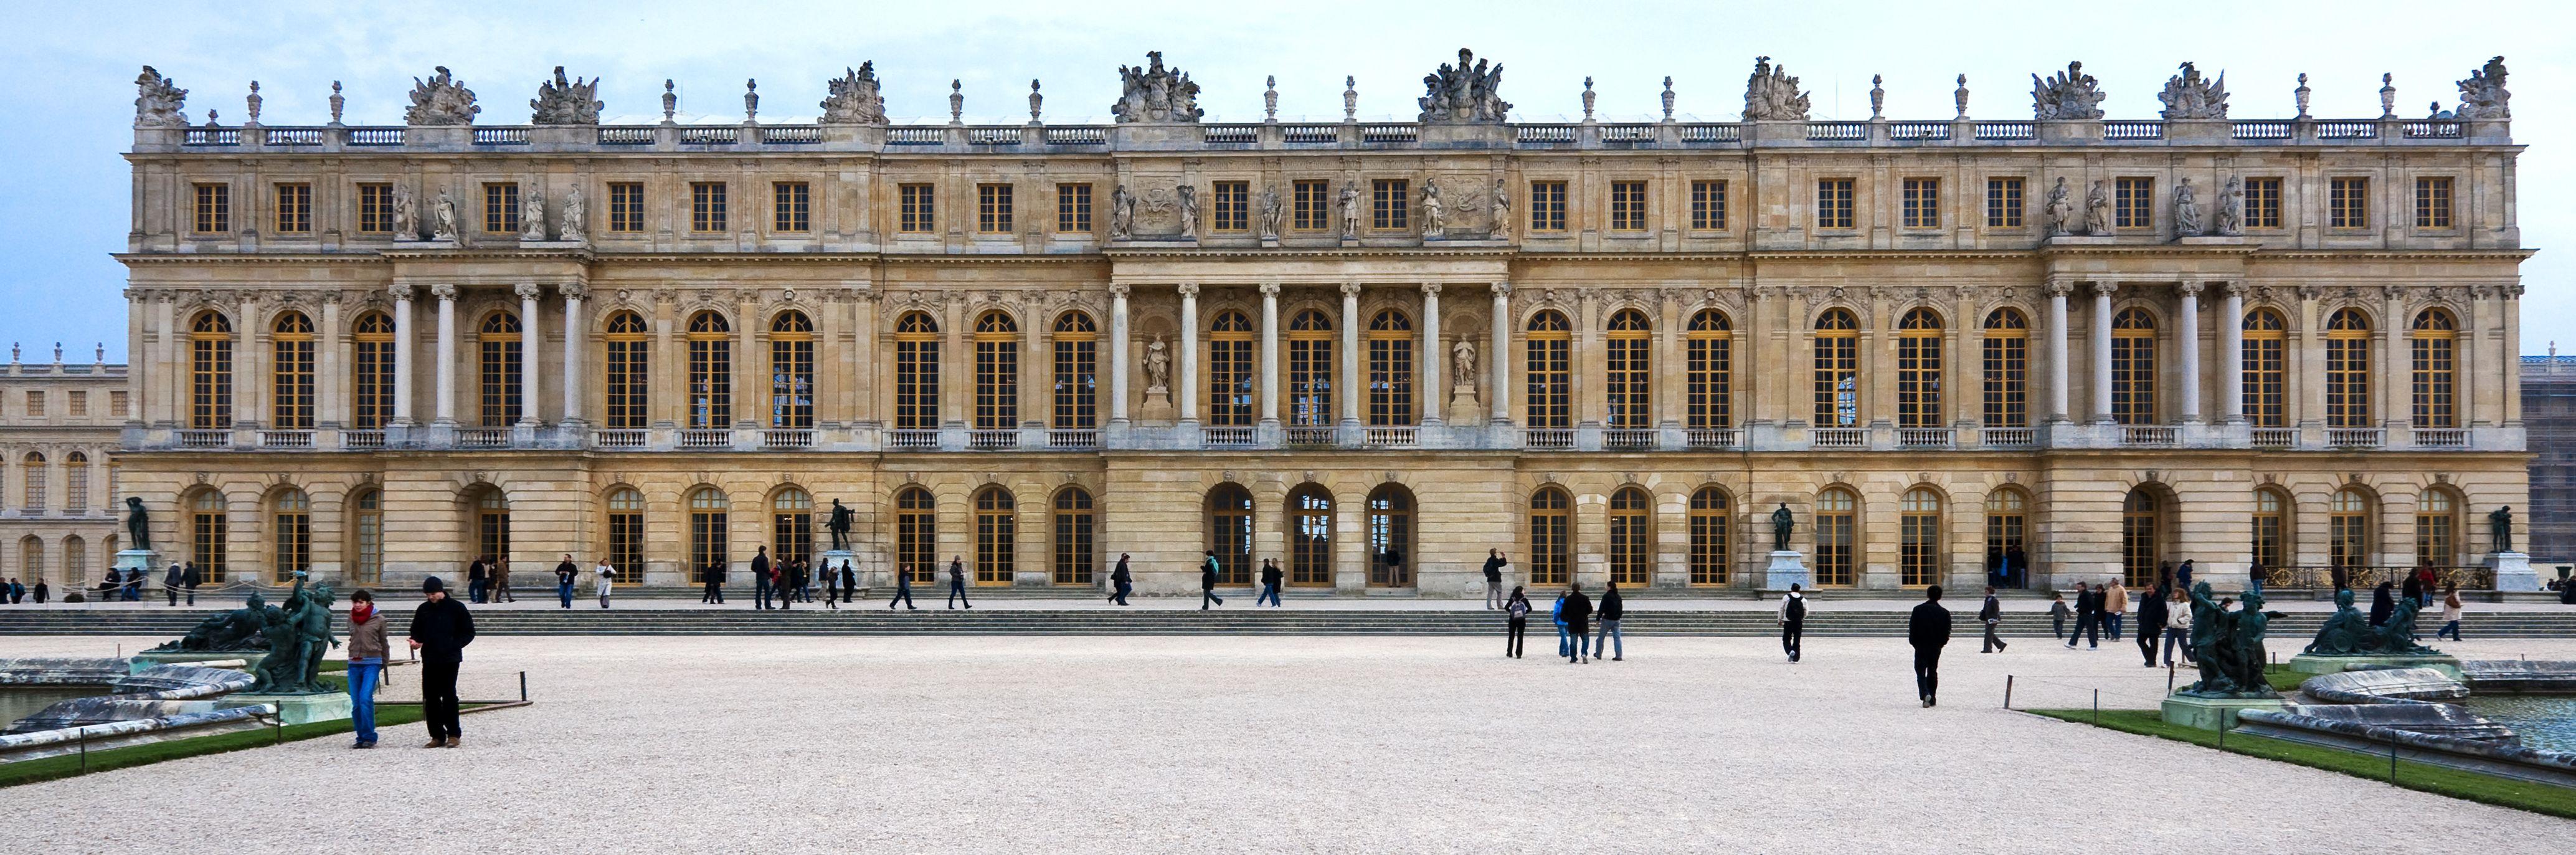 Ch teau de versailles facade des jardins places i - Le jardin de versailles histoire des arts ...